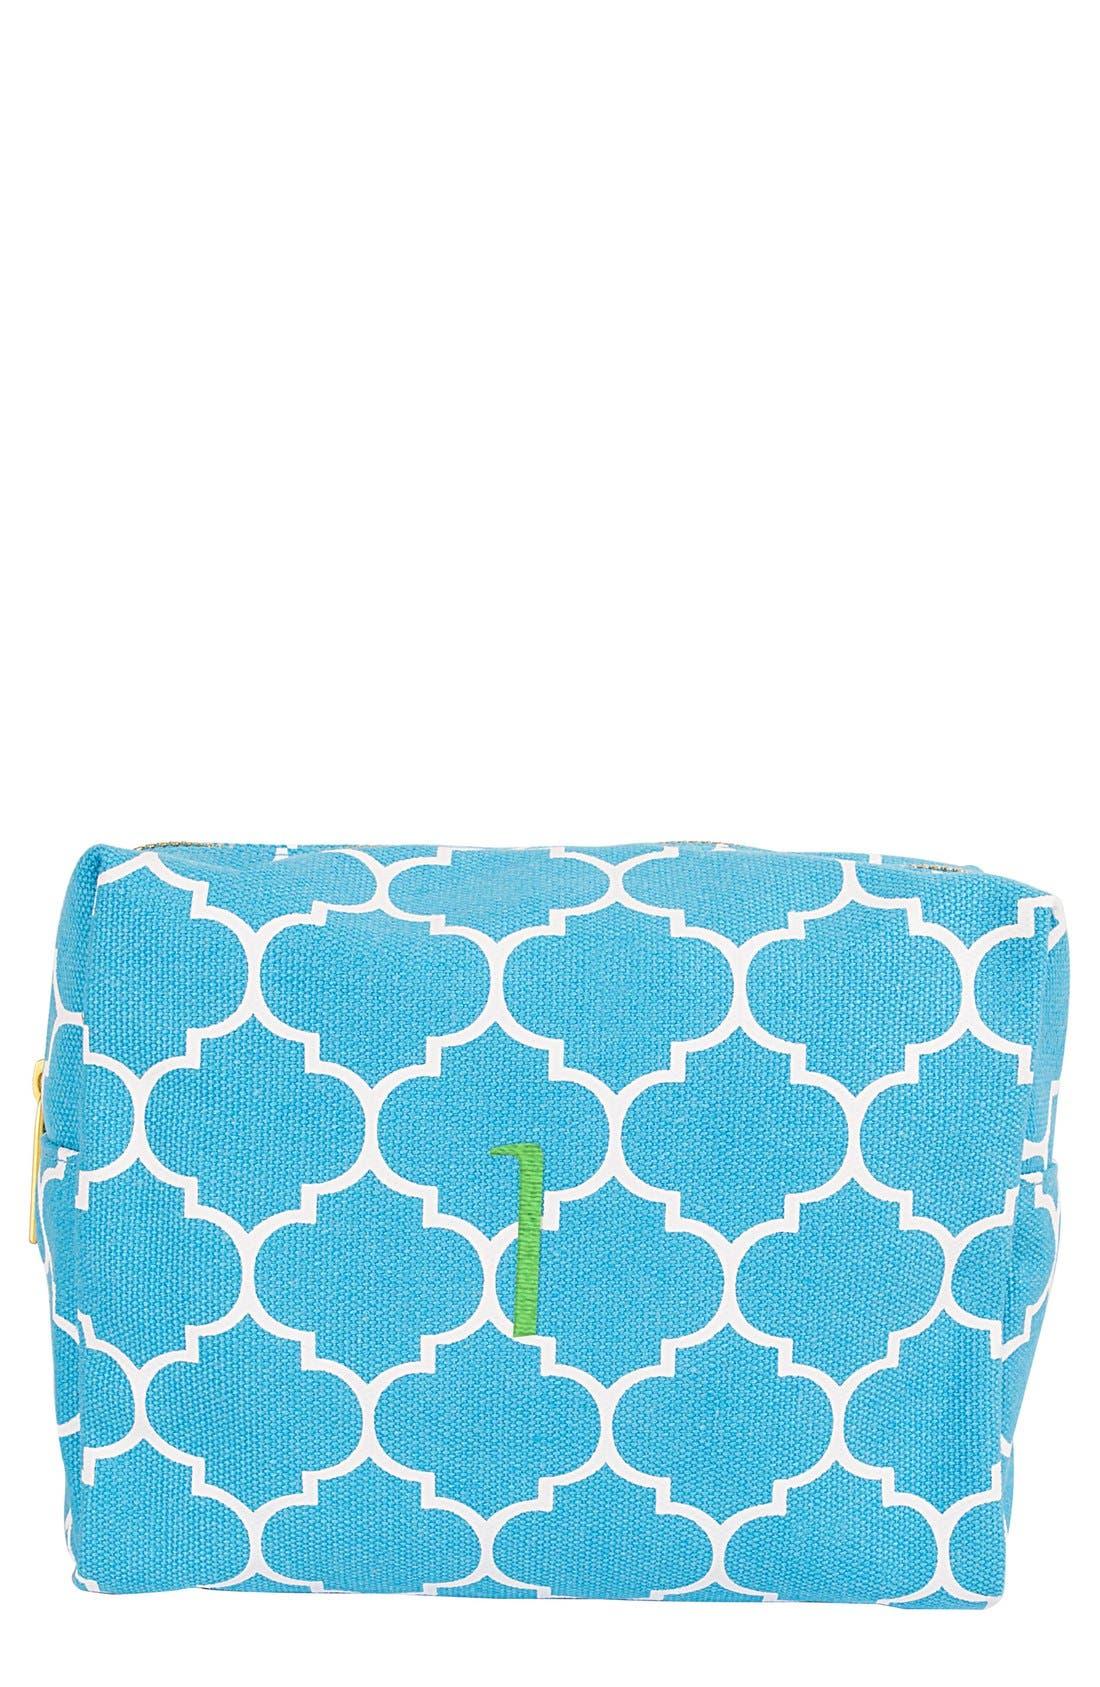 Monogram Cosmetics Bag,                         Main,                         color, Blue-I